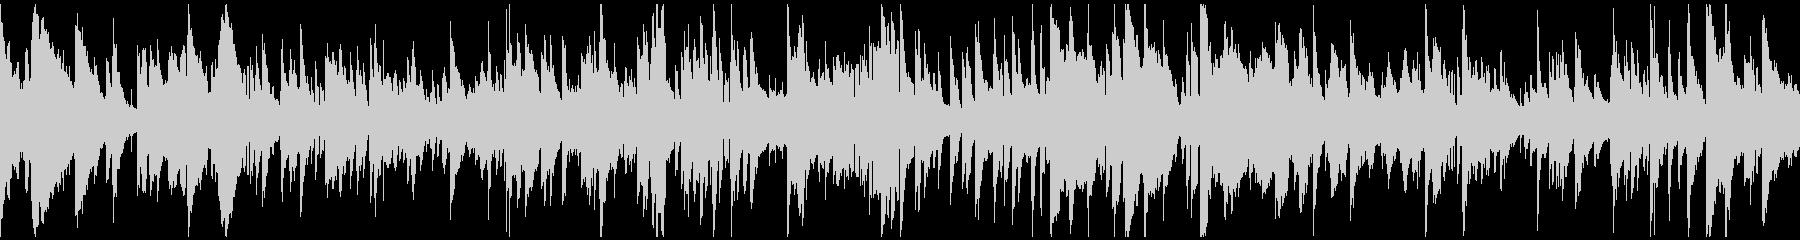 妖しい音色のサスペンスバラード※ループ版の未再生の波形